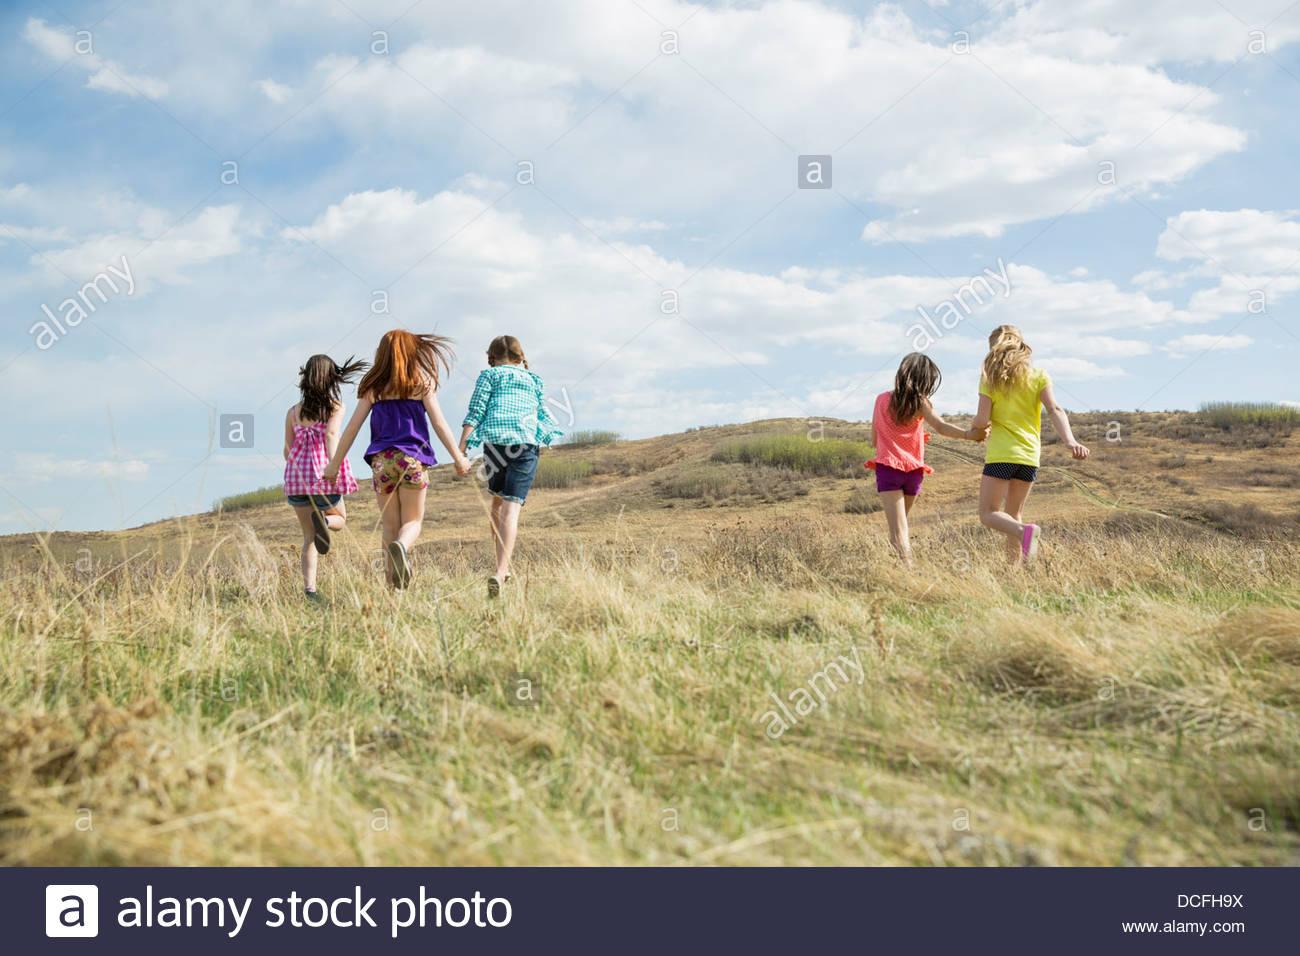 Vista posteriore di ragazze passeggiate all'aperto Immagini Stock